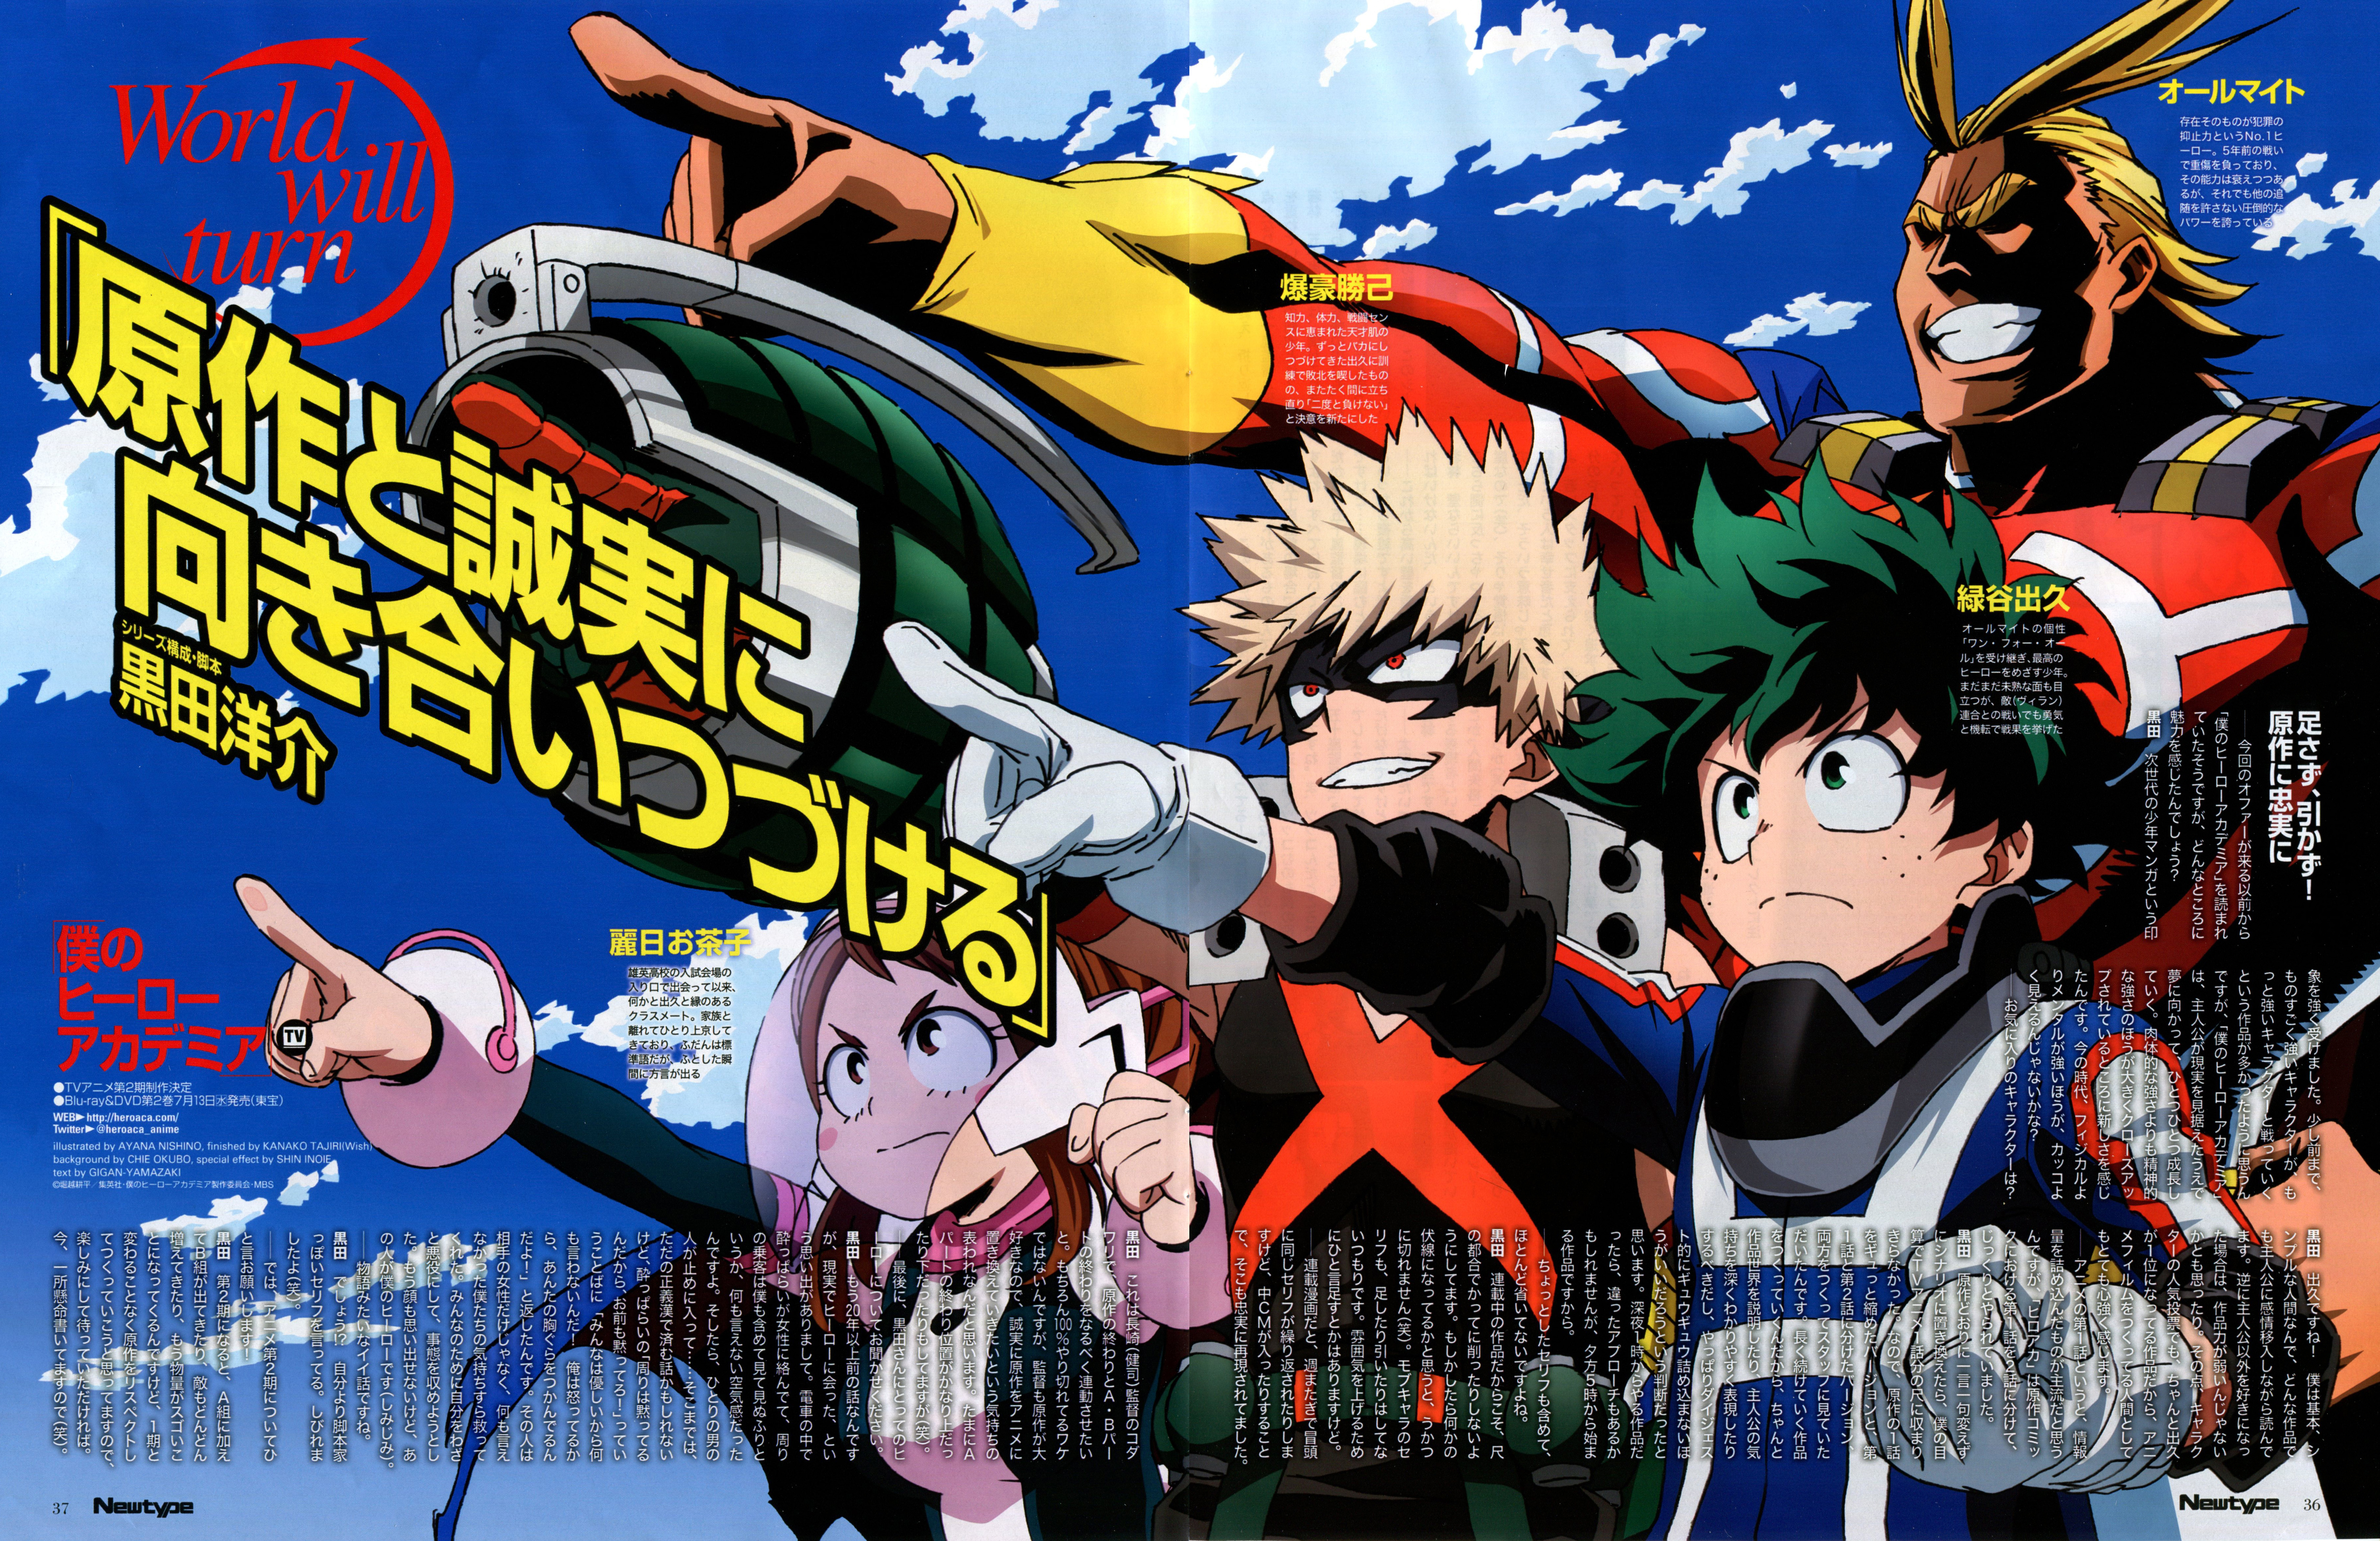 Boku no Hero Academia (My Hero Academia) Image #2141759 ...